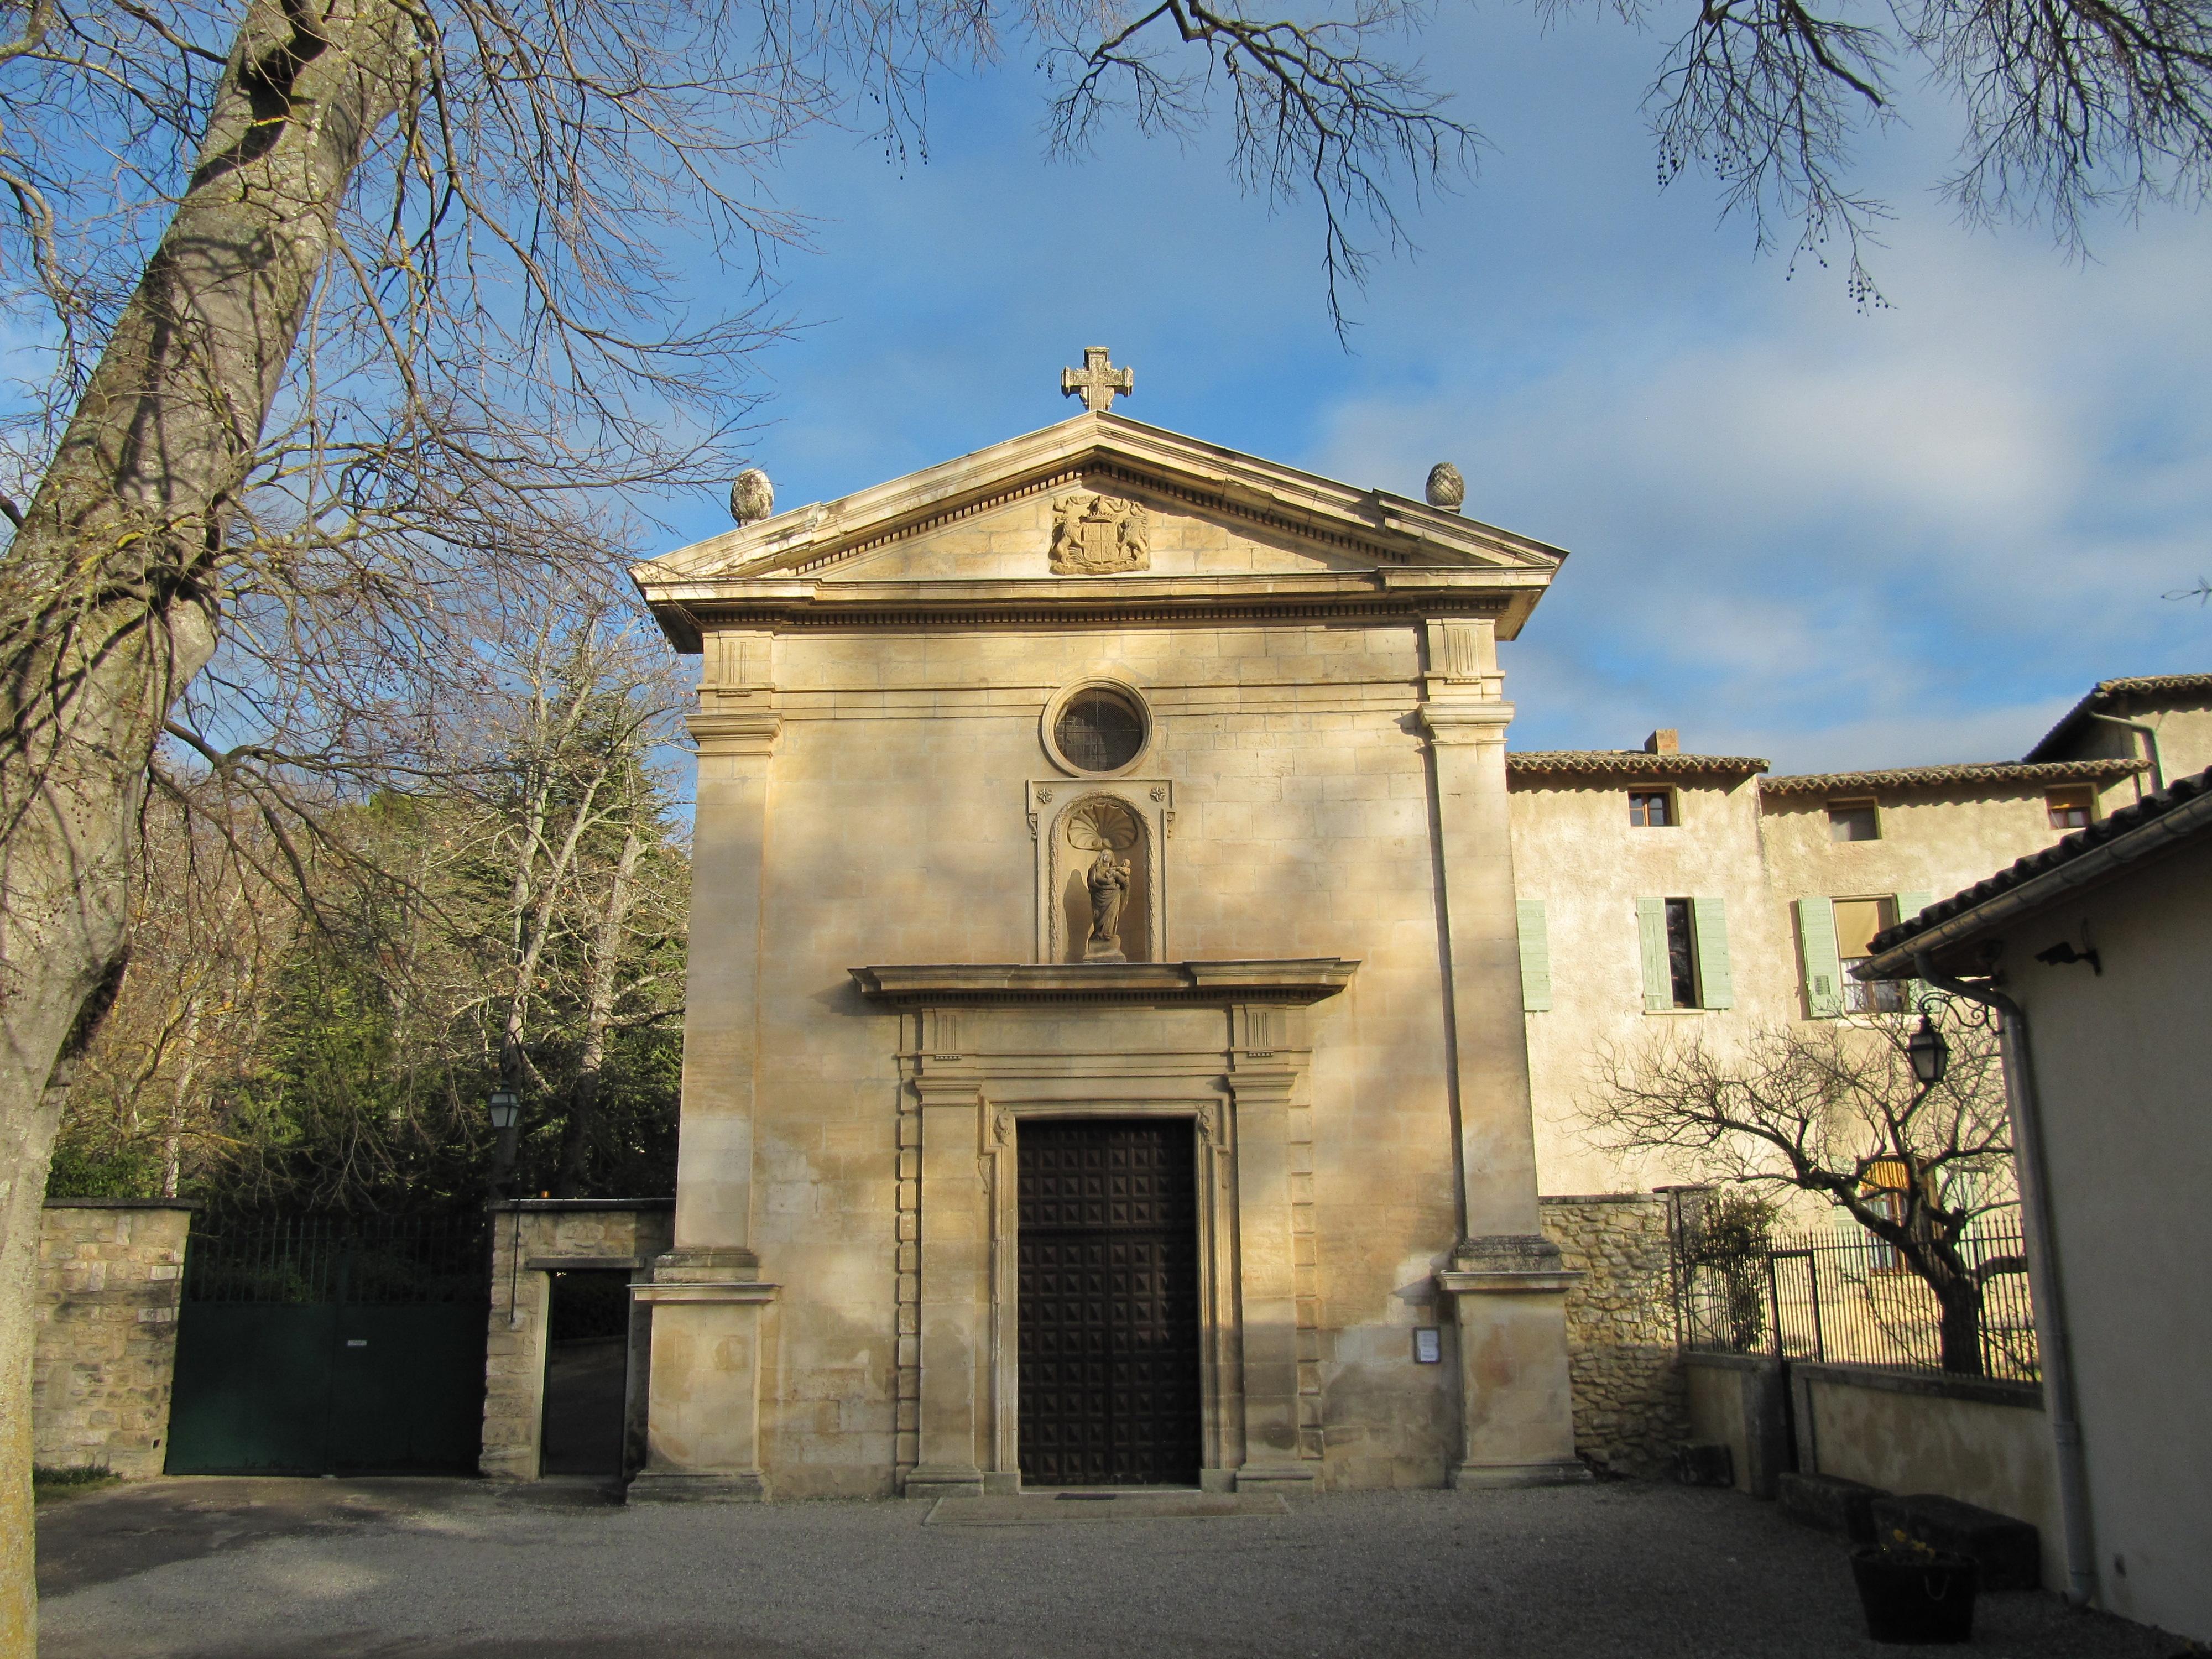 Chapelle de Notre-Dame de Vie - façade